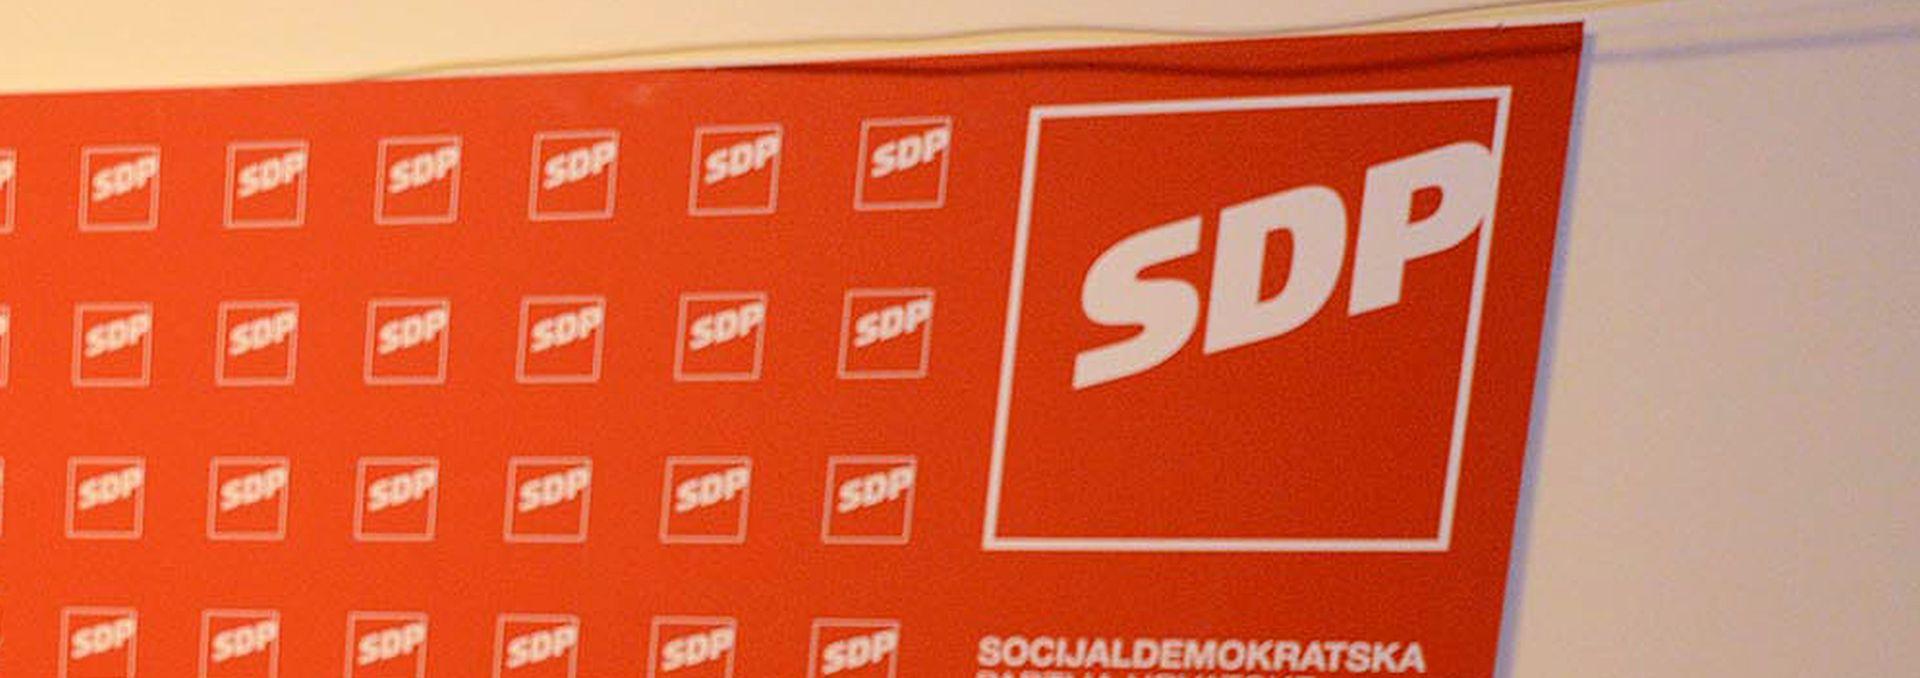 SISAK Vijećnici Mosta omogućit će većinu koaliciji SDP-a u Gradskom vijeću